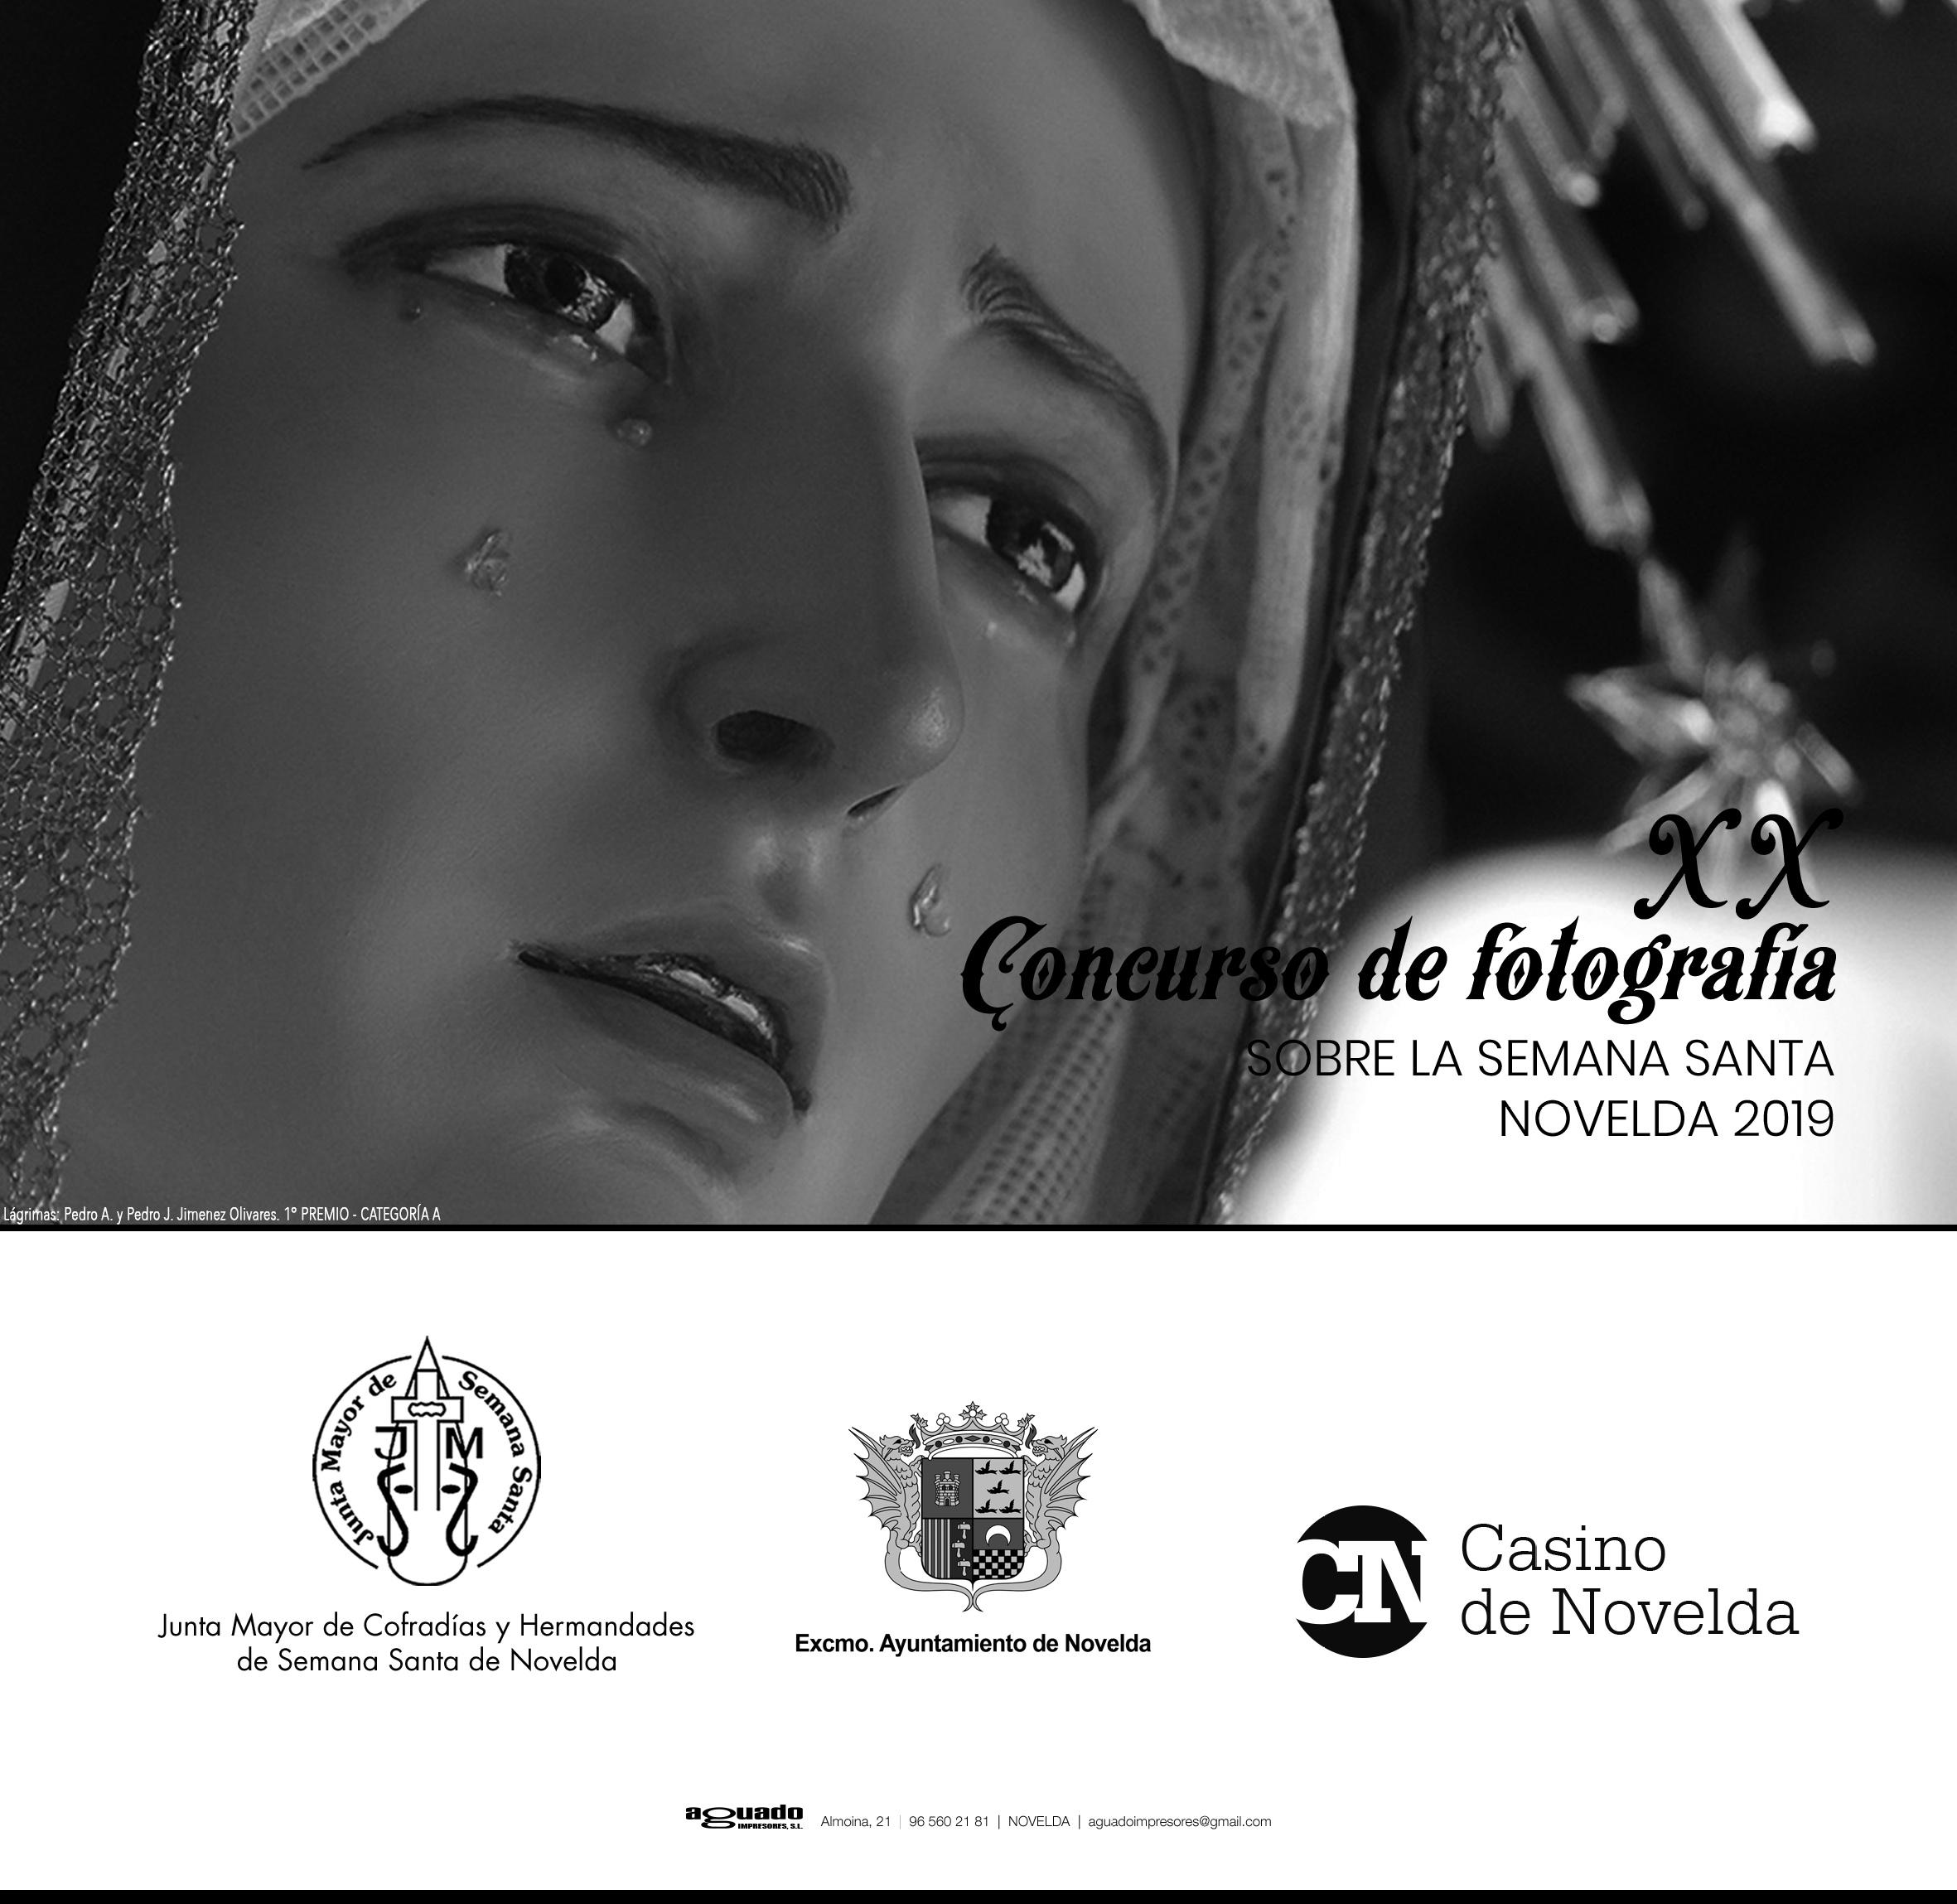 Concurso Fotografía Semana Santa 2019